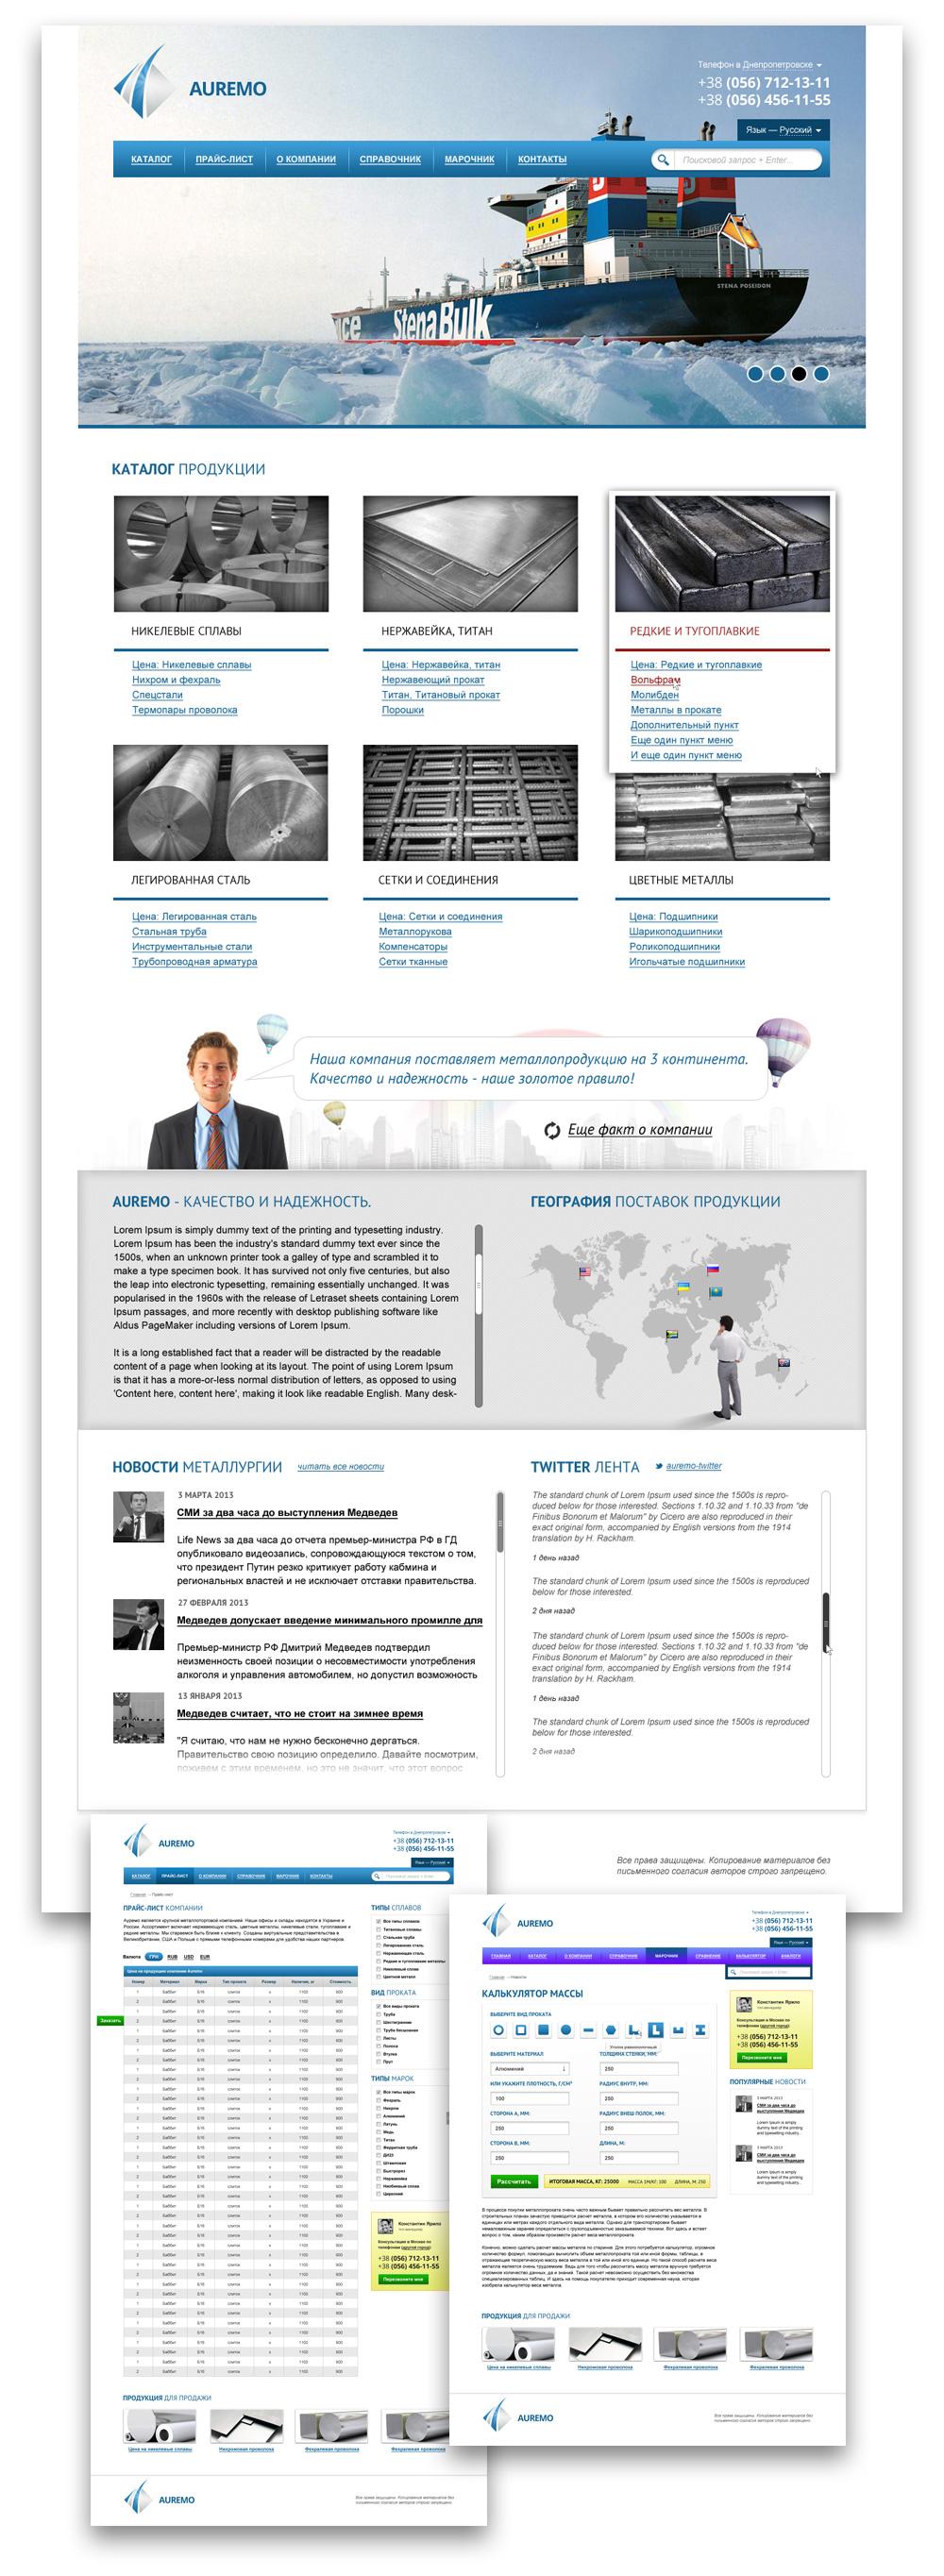 Дизайн сайта компании Auremo, г.Днепропетровск